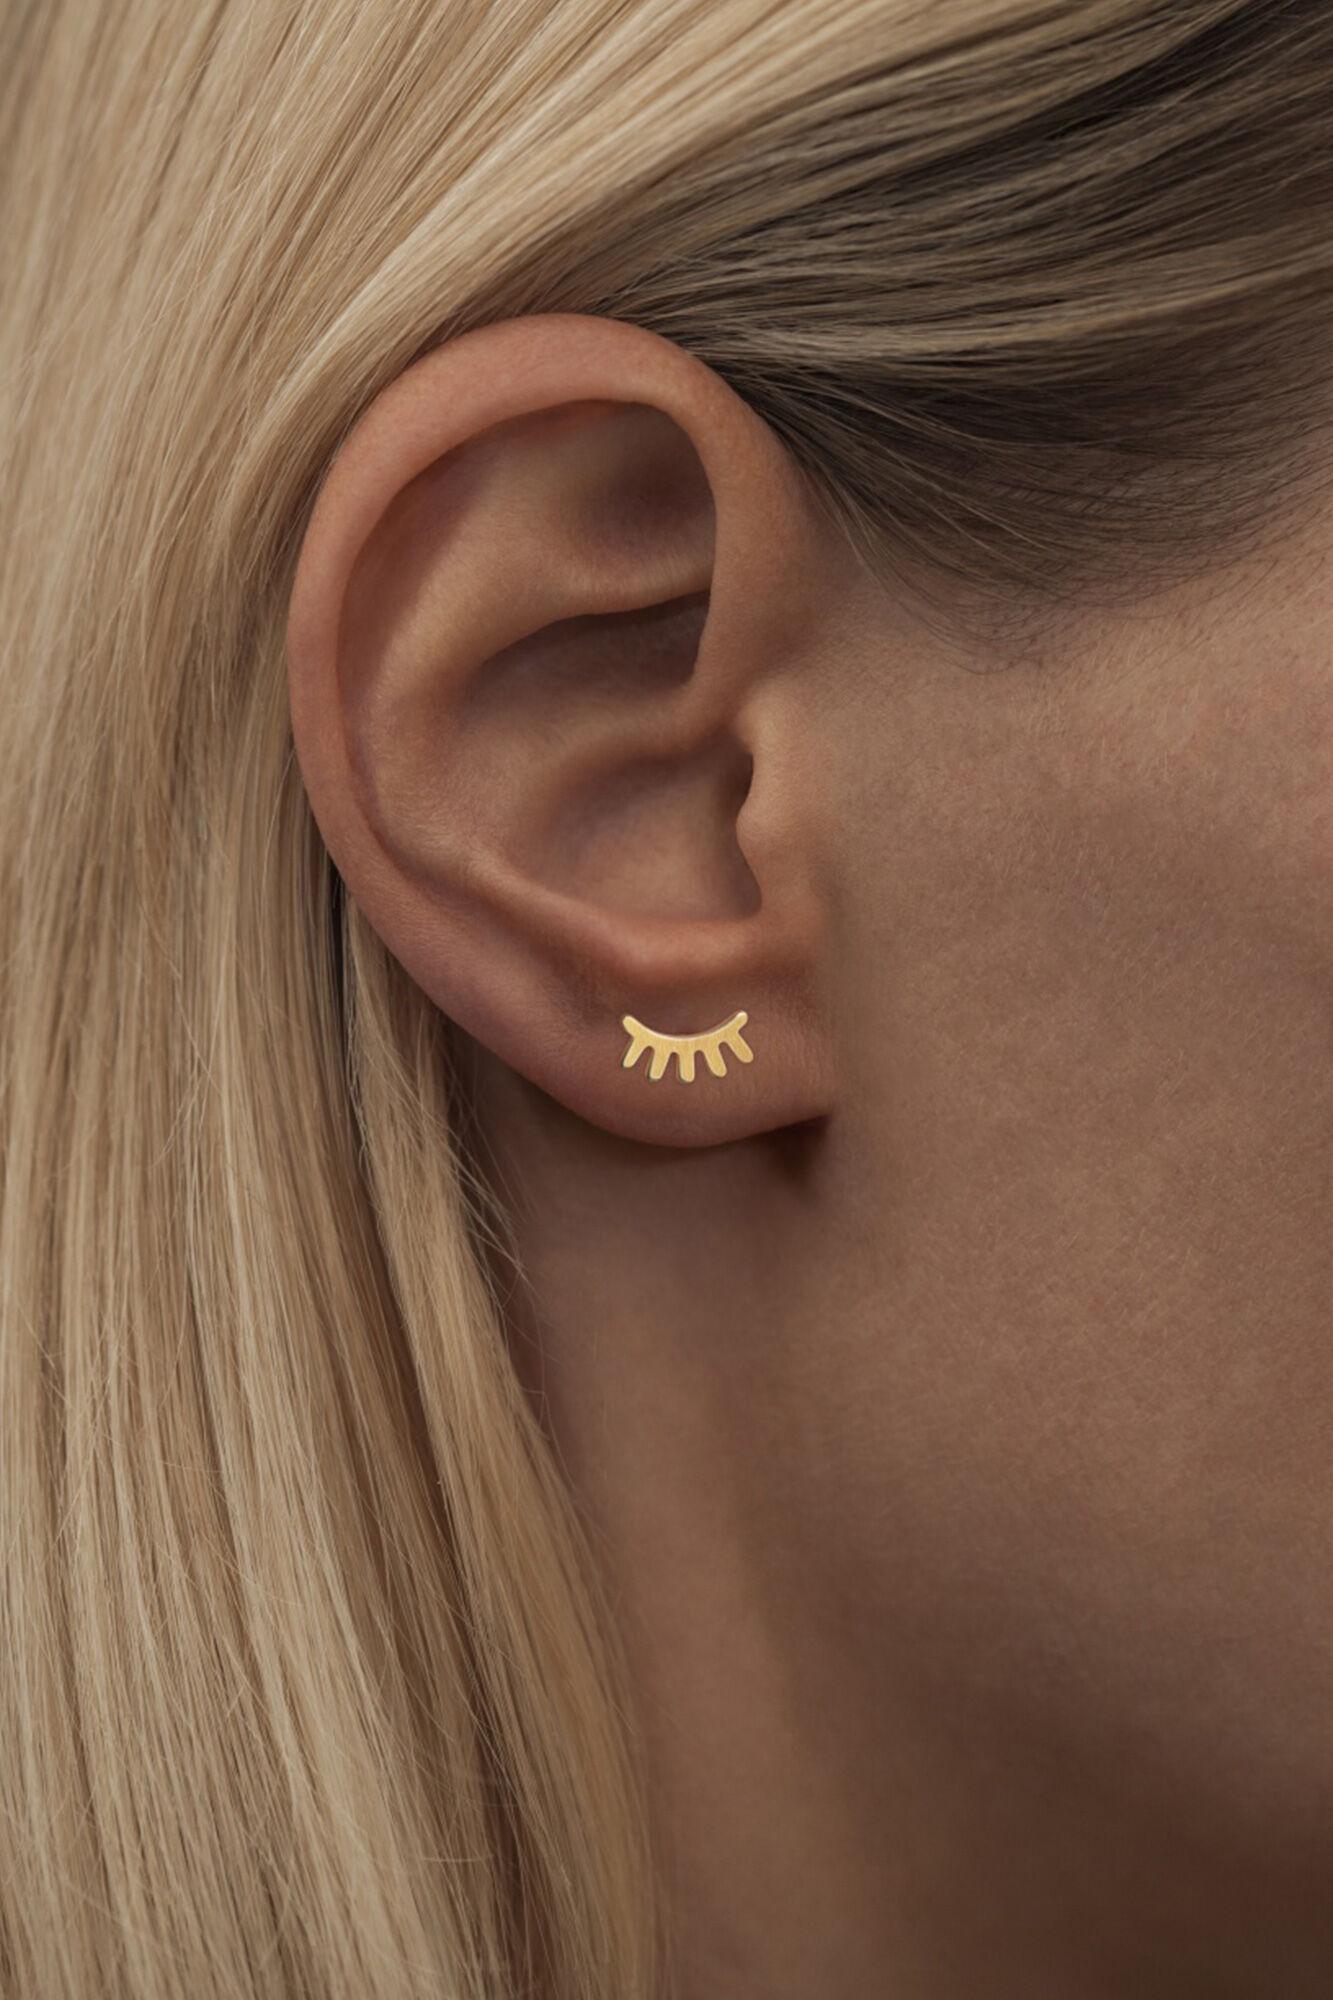 Blink Ear Studs LULUE150, GOLD MATTE